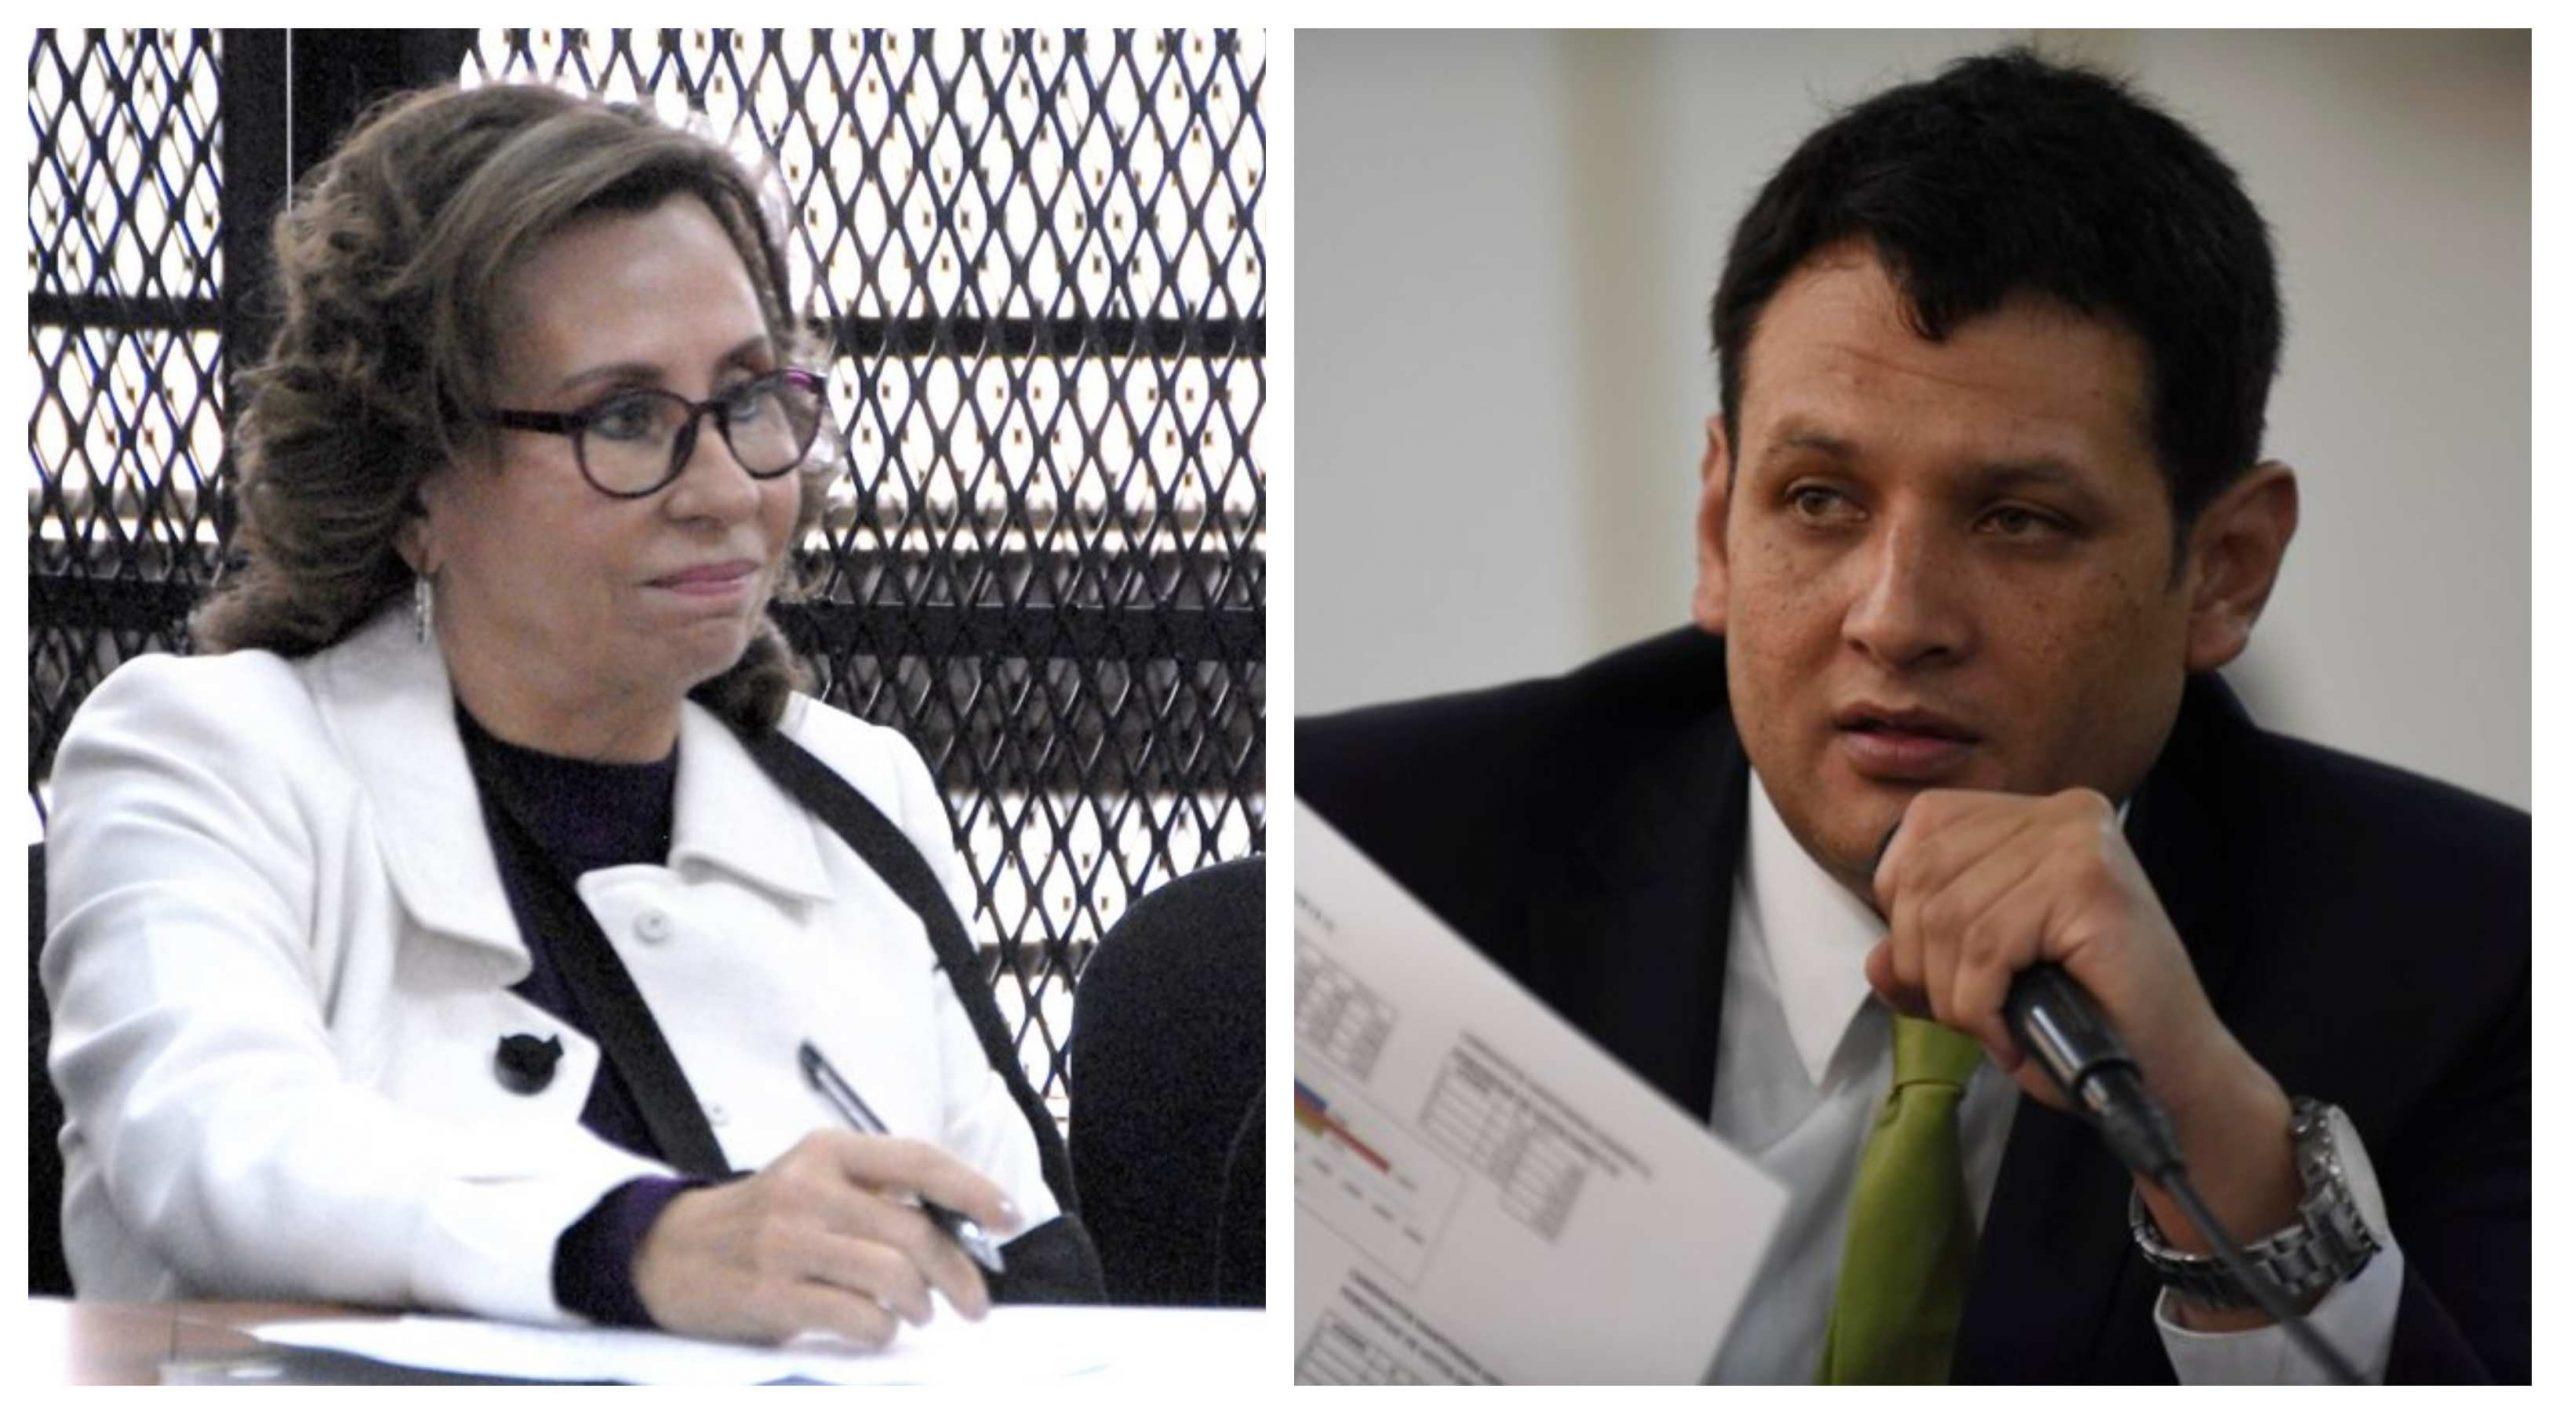 La pugna interna por el control del partido continúa entre Sandra Torres y Oscar Agueta. (Foto: El Periódico y La Hora)